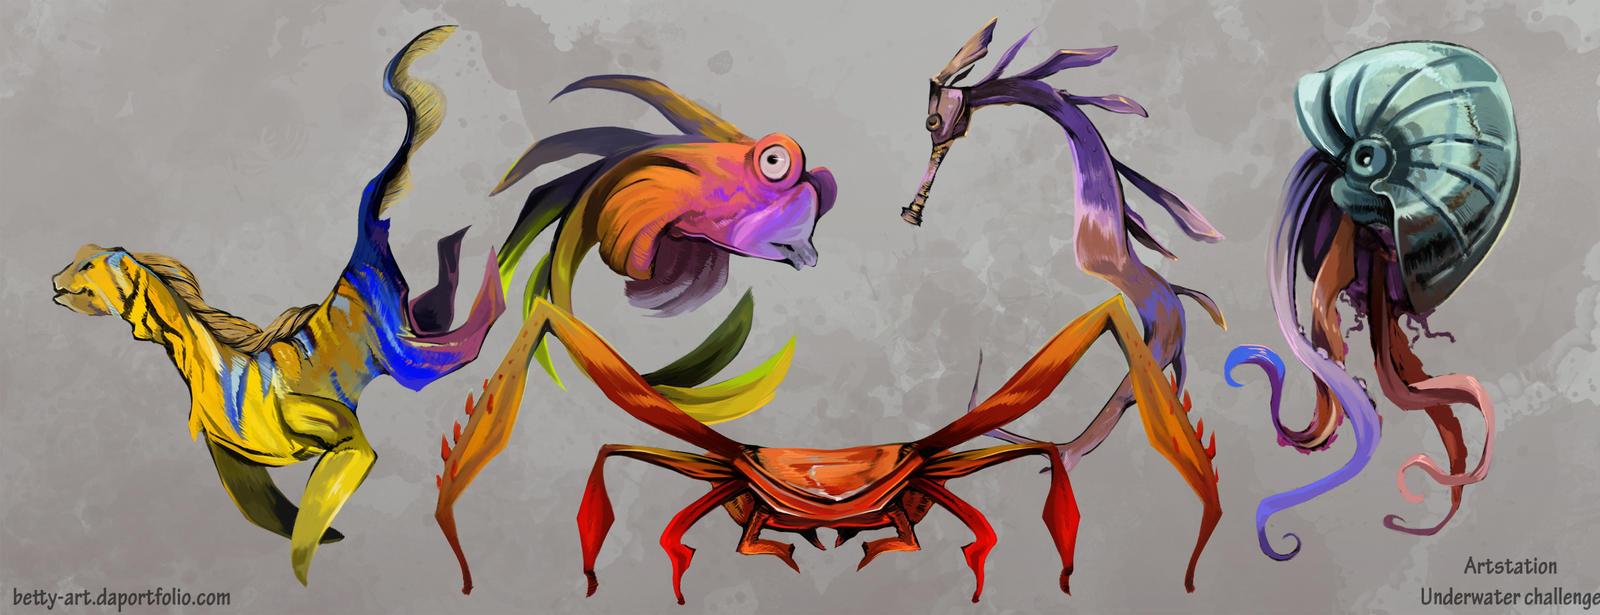 Artstation Underwater Challenge Line Up Creatures